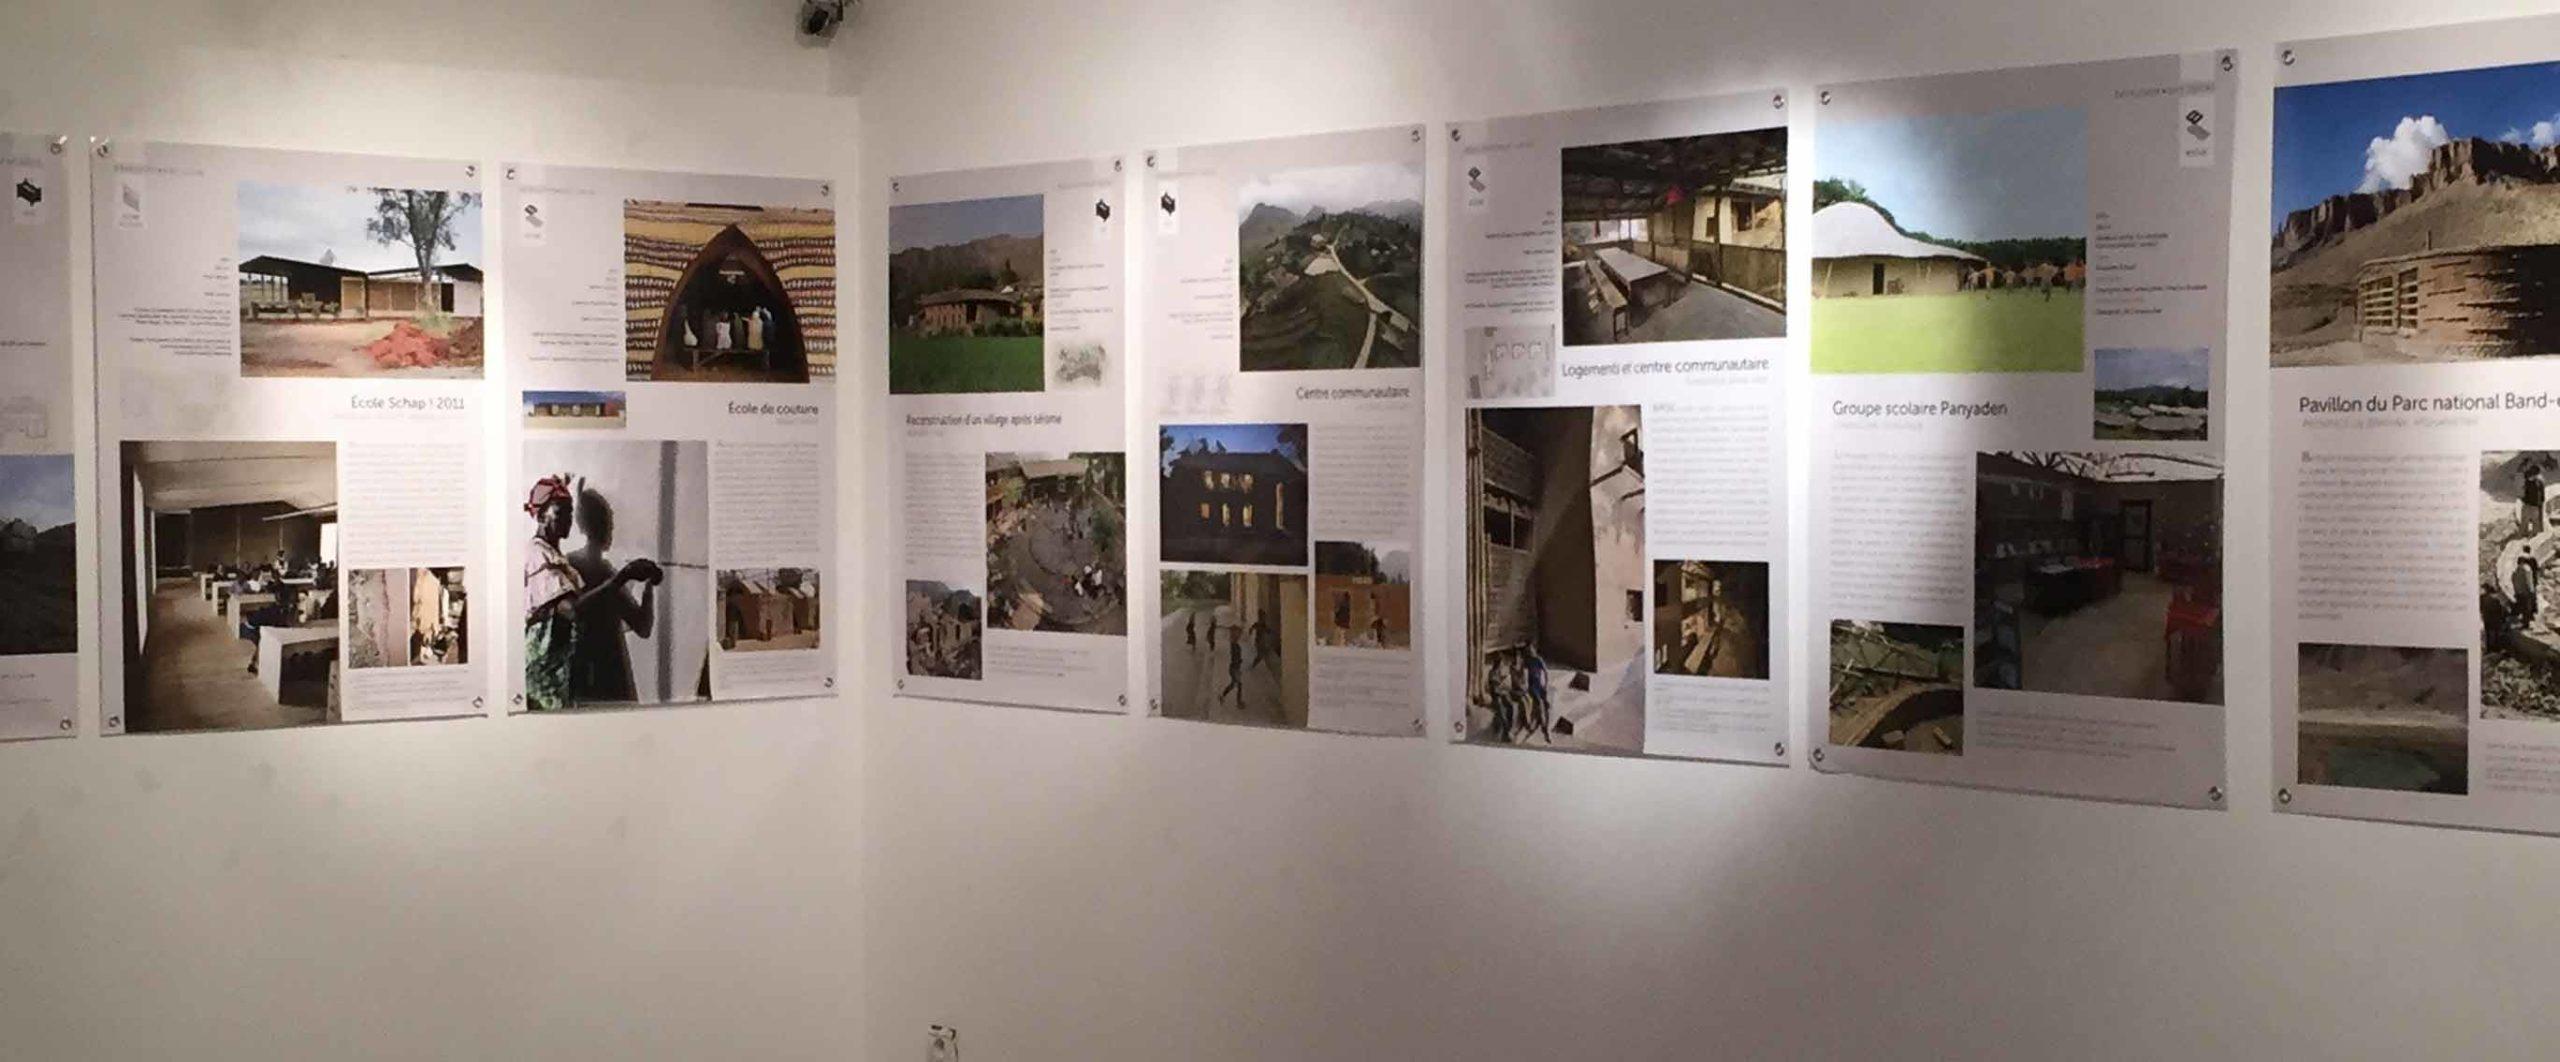 Architecture en terre d'aujourd'hui, l'exposition itinérante issue du TERRA Award